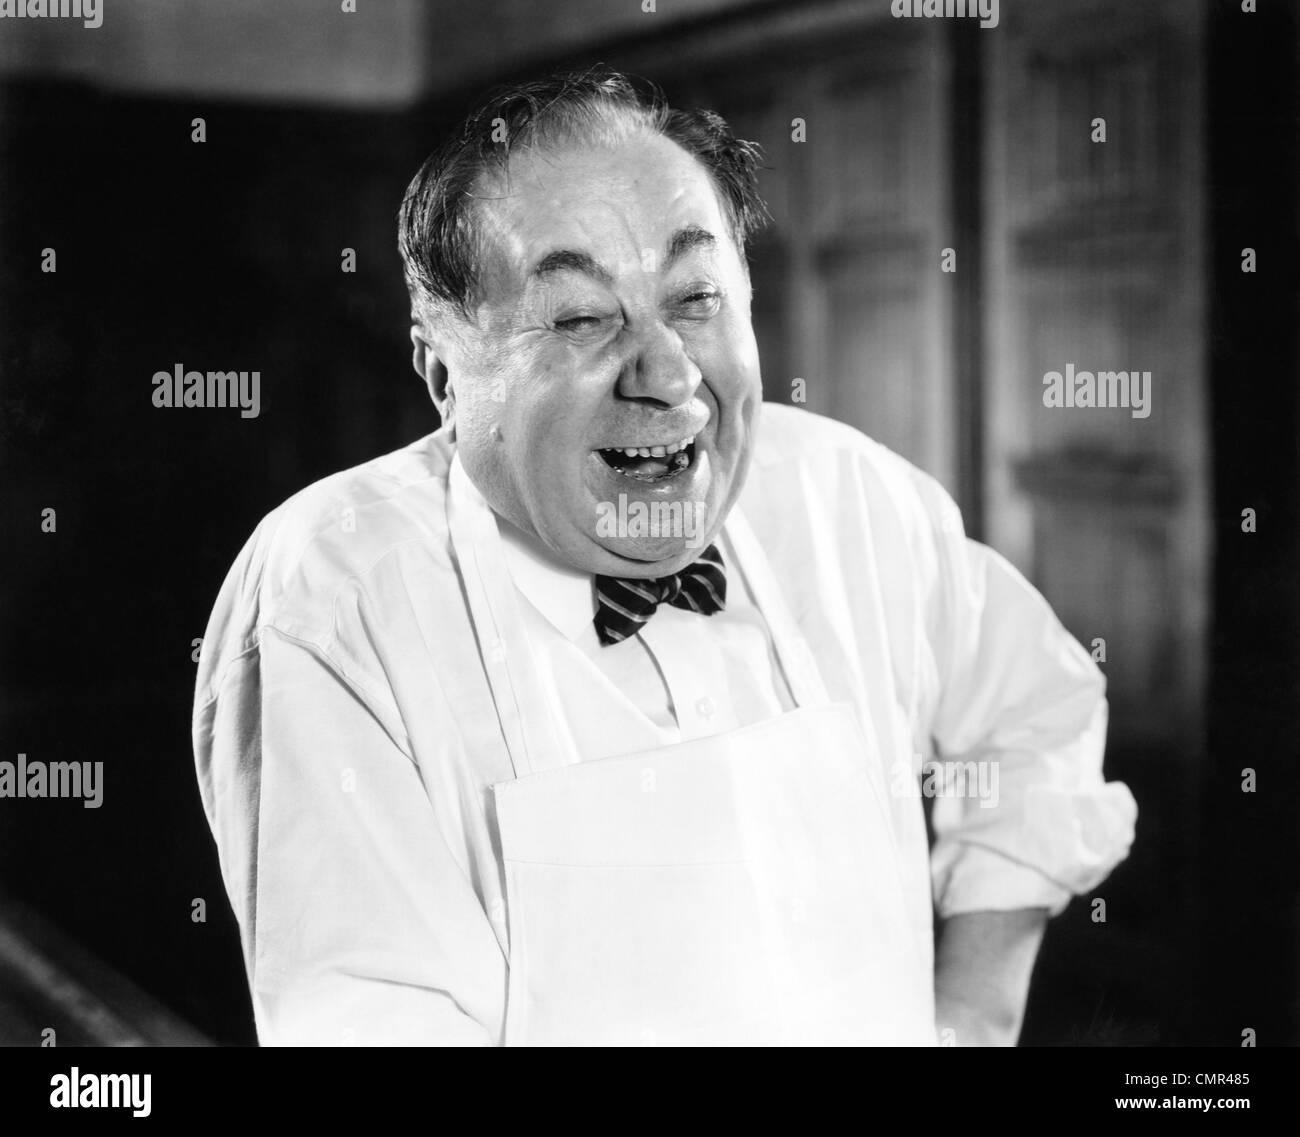 1930 1940 El hombre ríe retrato vistiendo delantal carnicero panadero recepcionista servicio de supermercado Imagen De Stock